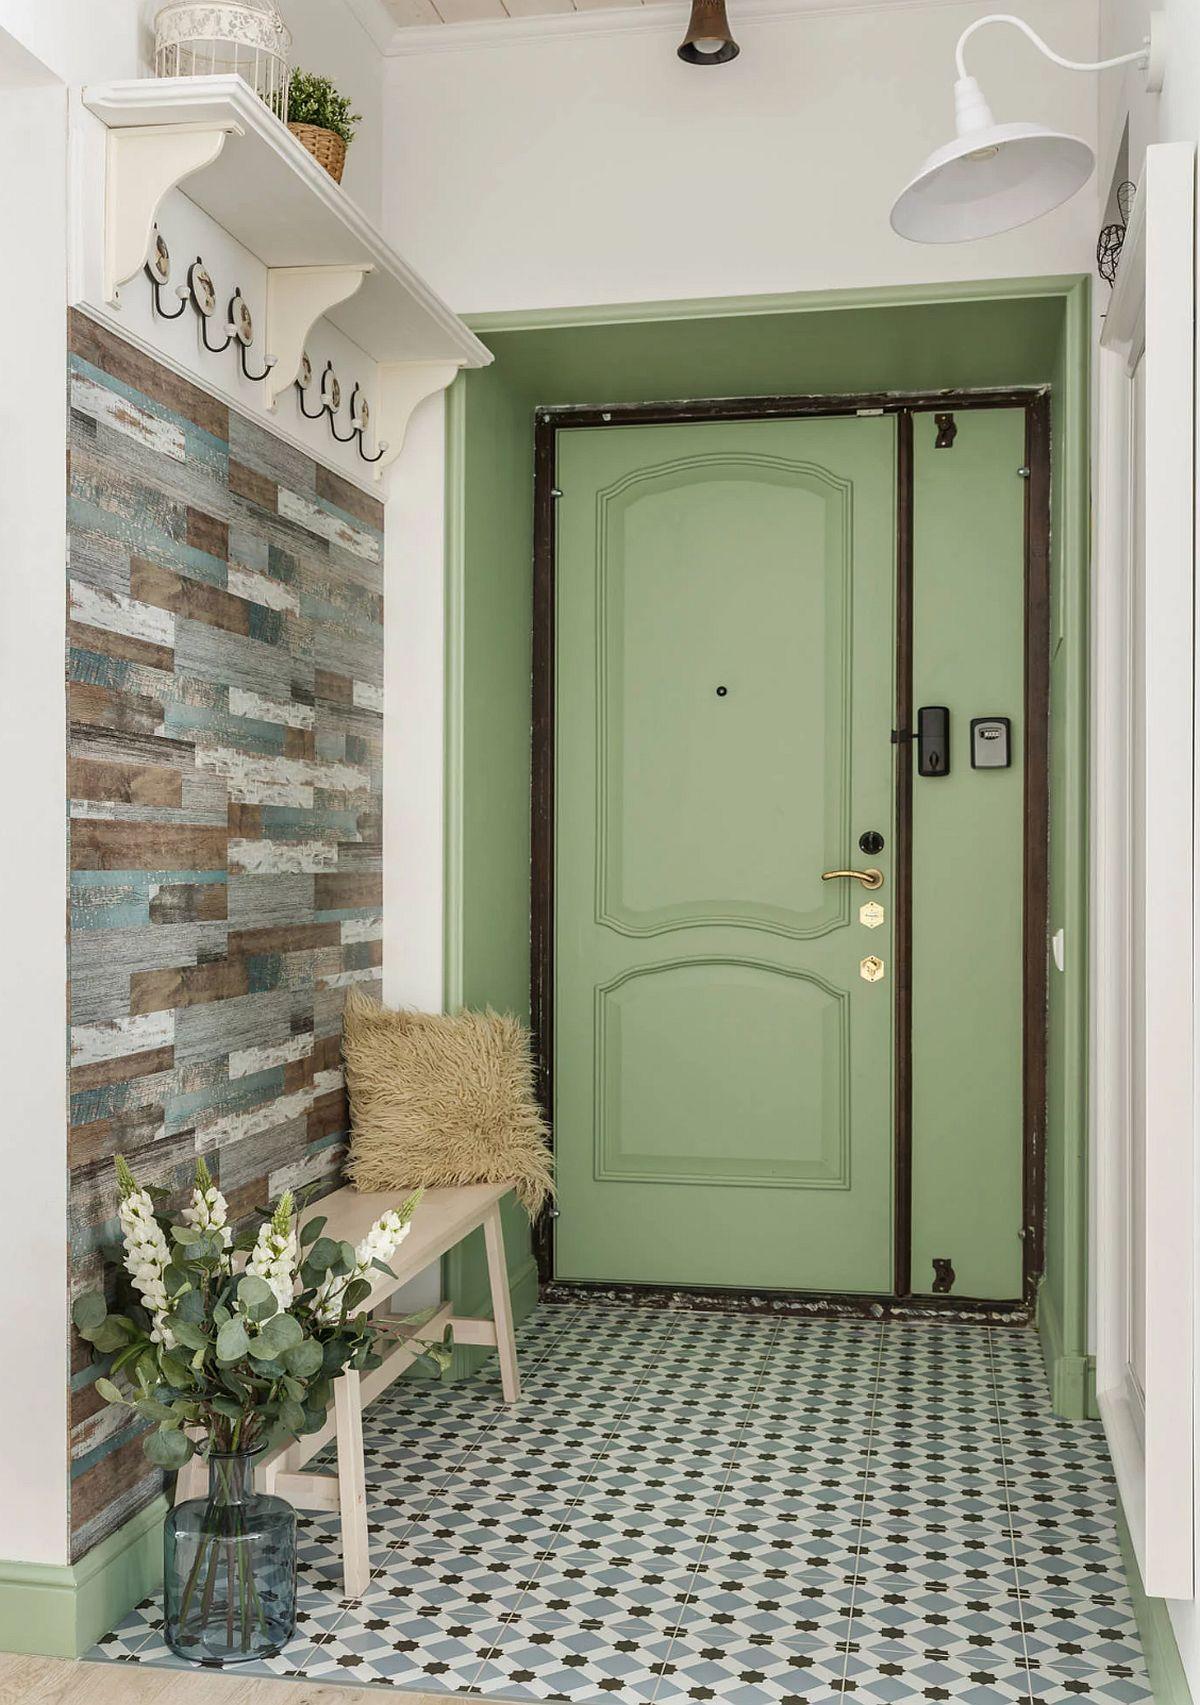 adelaparvu.com despre apartament 80 mp in stil rustic elegant, designer Ira Nosova, Foto Olga Shangina (12)